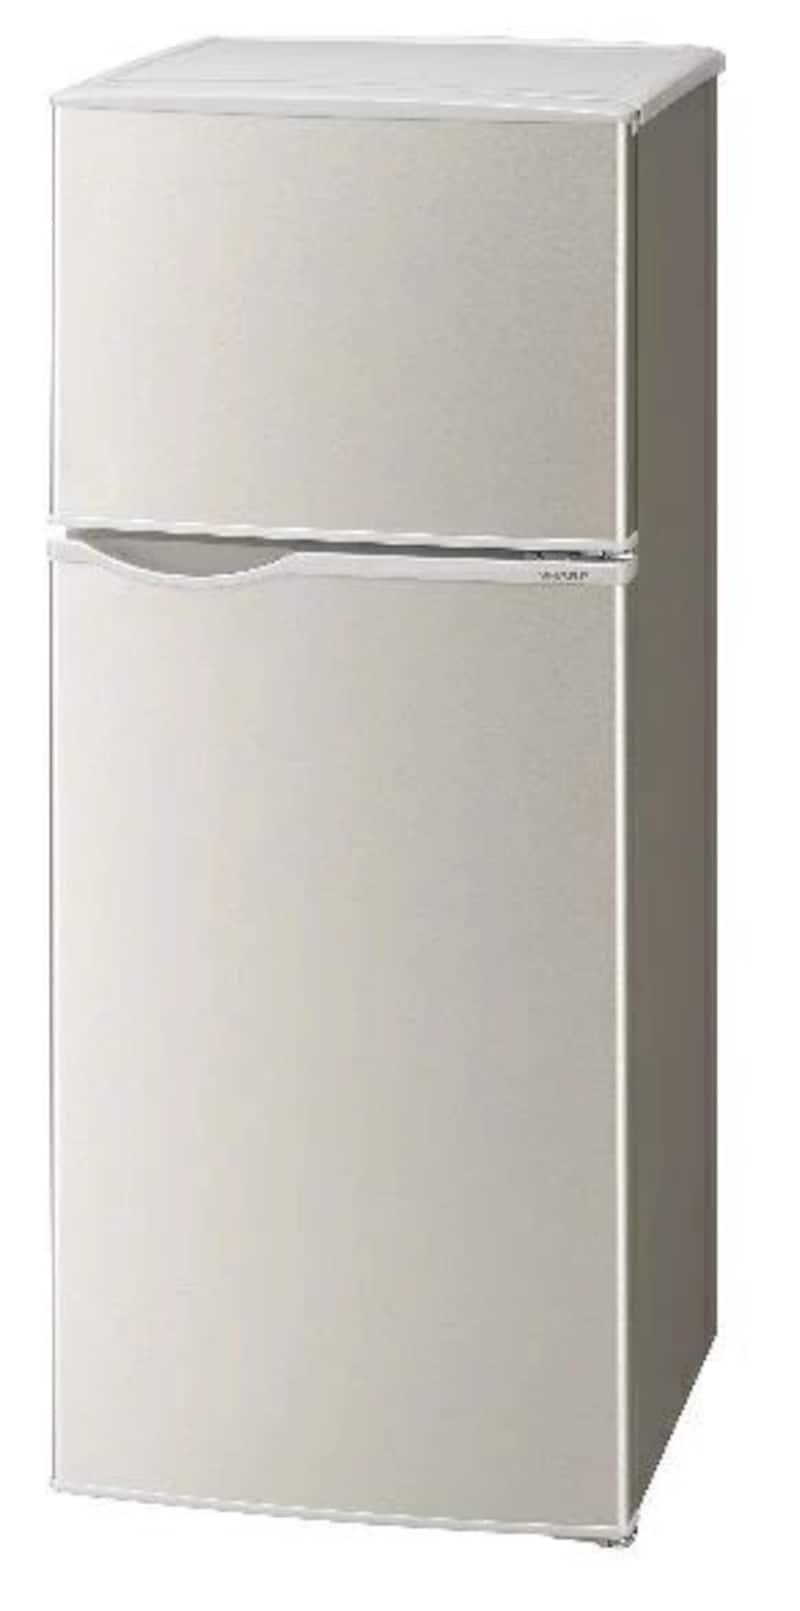 SHARP(シャープ),2ドア冷蔵庫,SJ-H13E-S